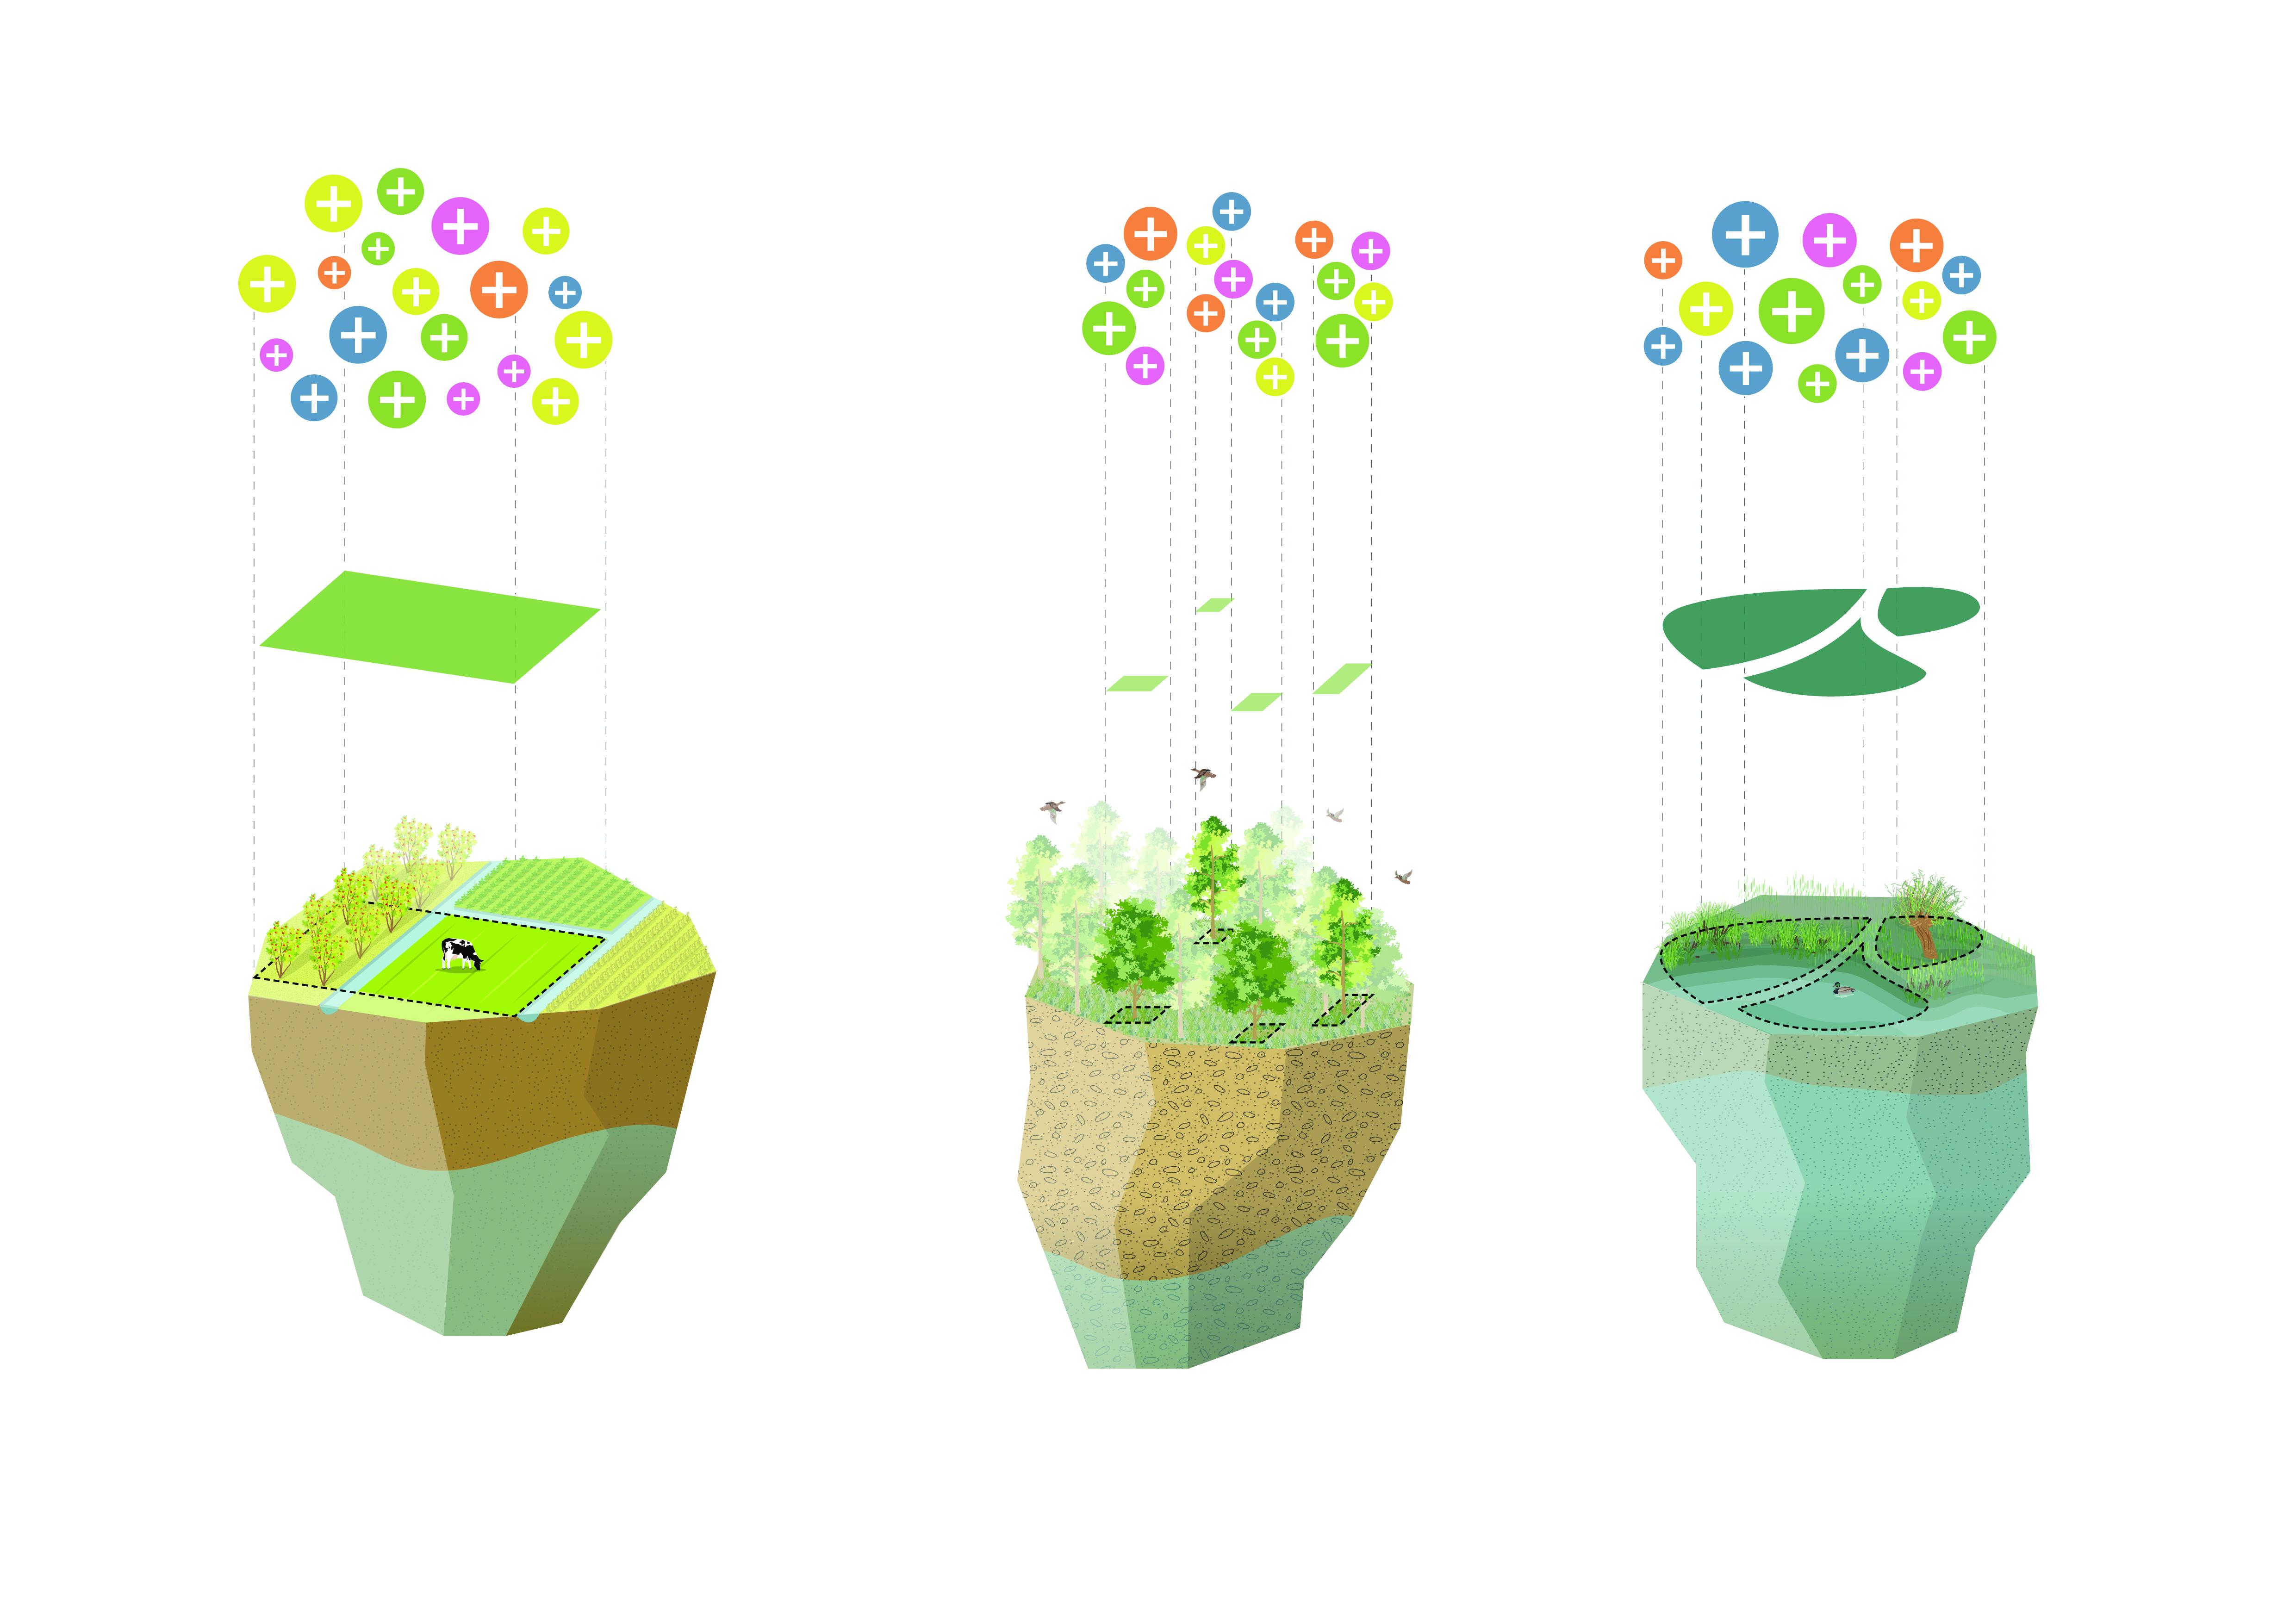 <p>Productief Landschap &#8211; Zowel de bebouwde als groene delen worden als productieve ruimten gezien, waar een mix van wonen, werken en vrije tijd mogelijk wordt gemaakt. Om al deze functies samen te voegen is het landschap opnieuw verkaveld in een variatie van percelen. Deze hebben verschillende afmetingen  en vormen in het park, stedelijk en landelijk gebied. Per perceel worden gebiedscondities op microniveau gekoppeld aan de productie van voedsel en energie, waterbeheer, afvalverwerking en het generen van biodiversiteit</p>